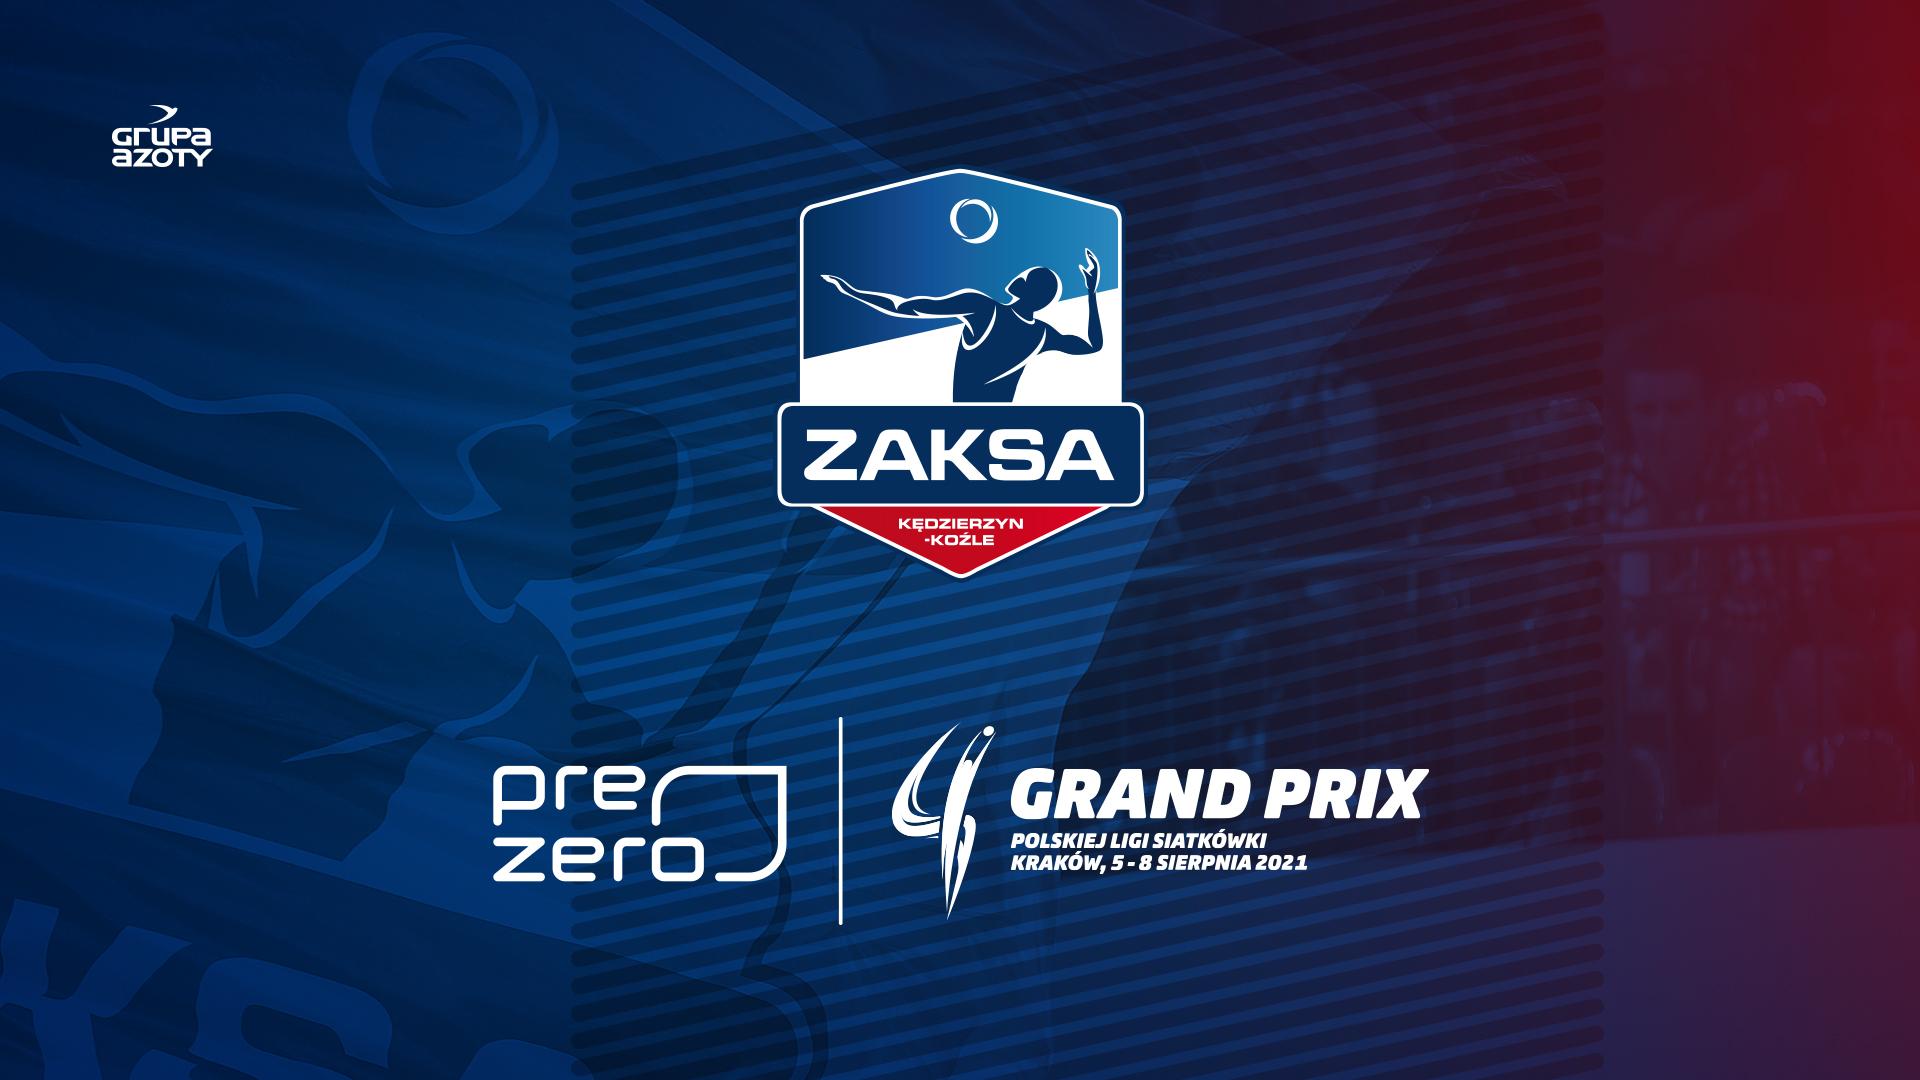 Skład ZAKSY na PreZero Grand Prix w Krakowie